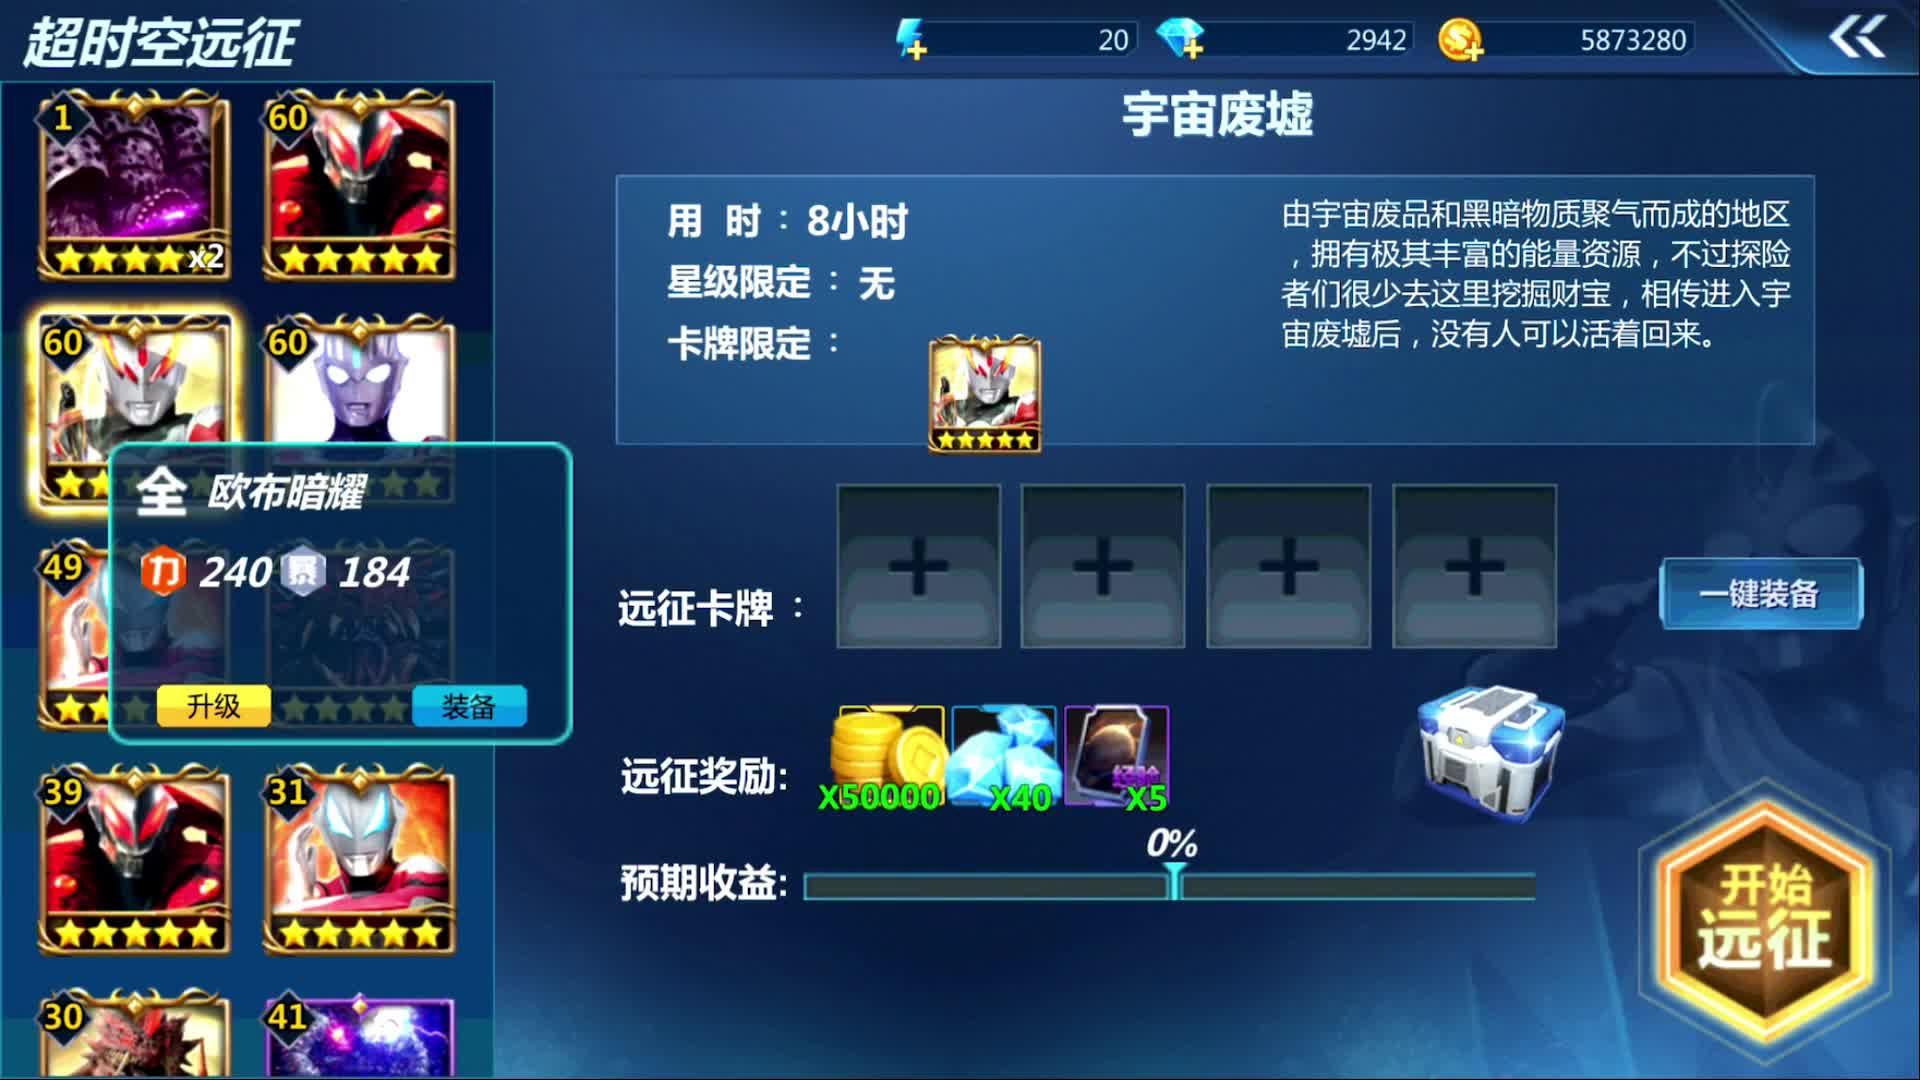 奥特曼格斗超人第129期:剧情全三星通关手机游戏